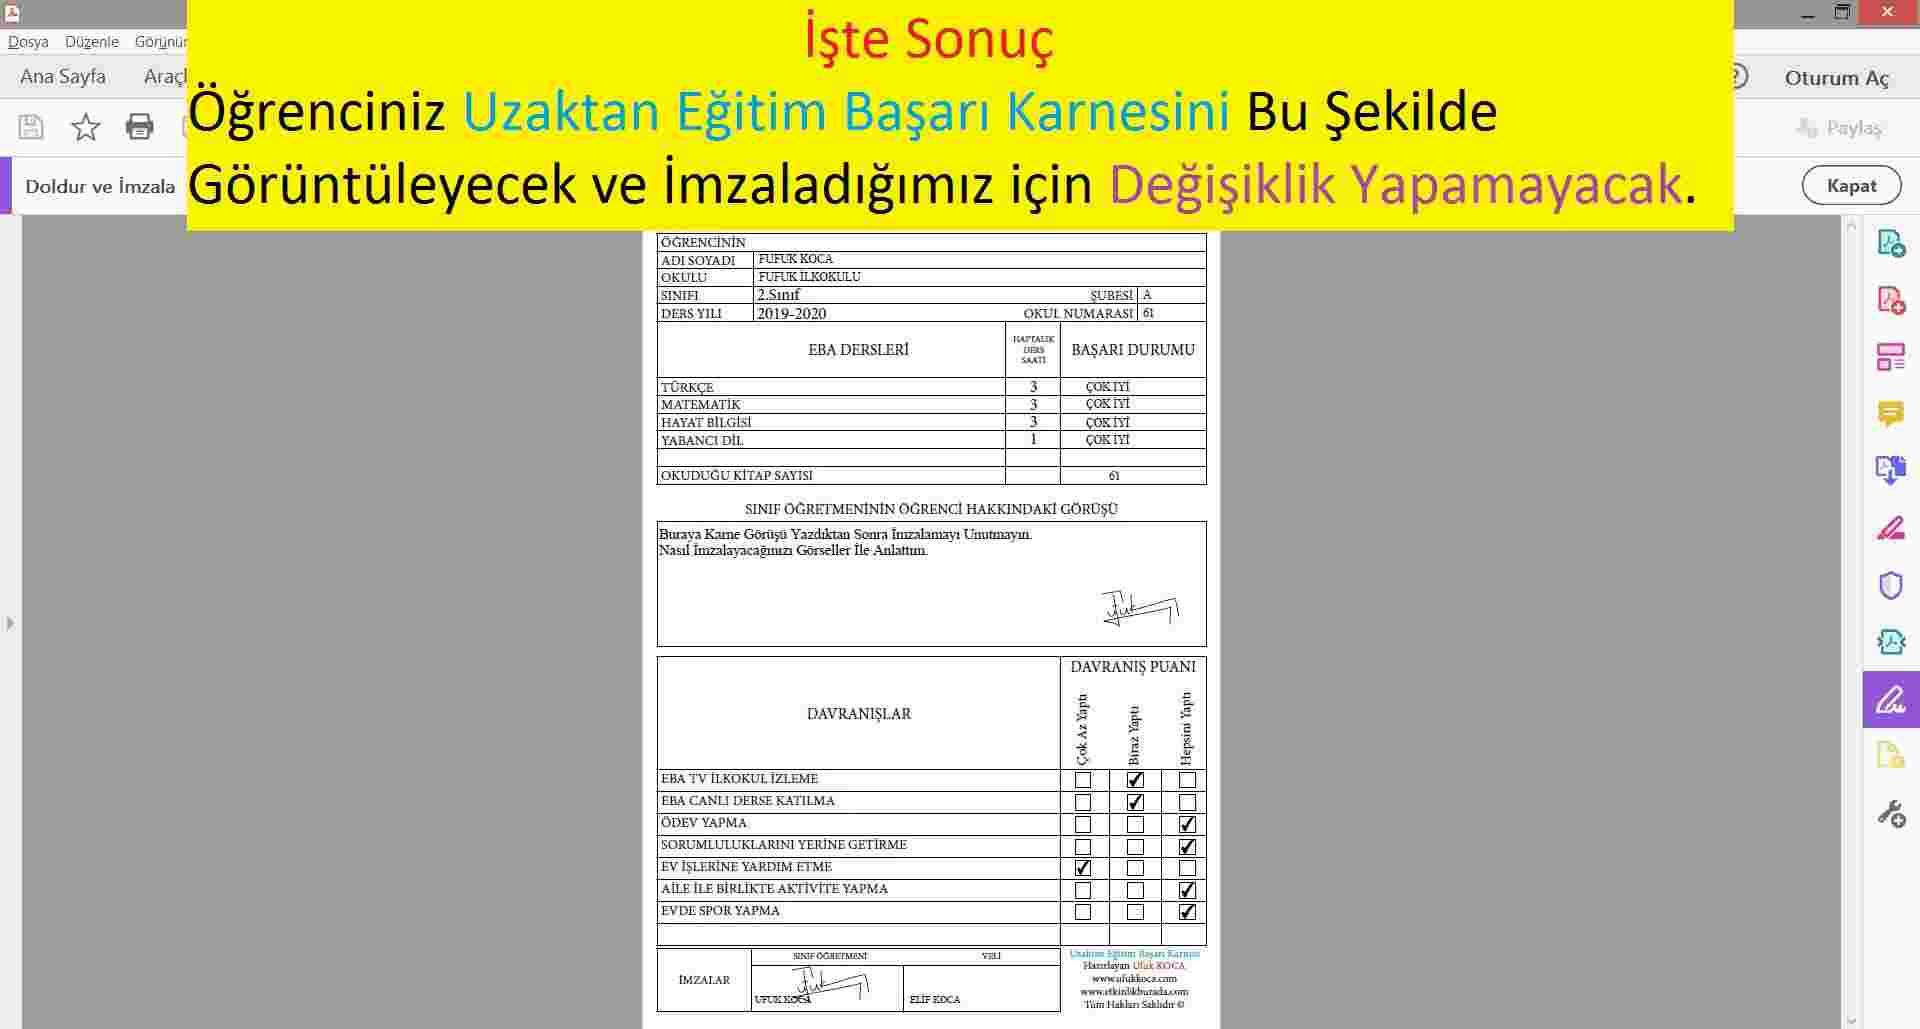 UZAKTAN EĞİTİM BAŞARI KARNESİ - 2.SINIF